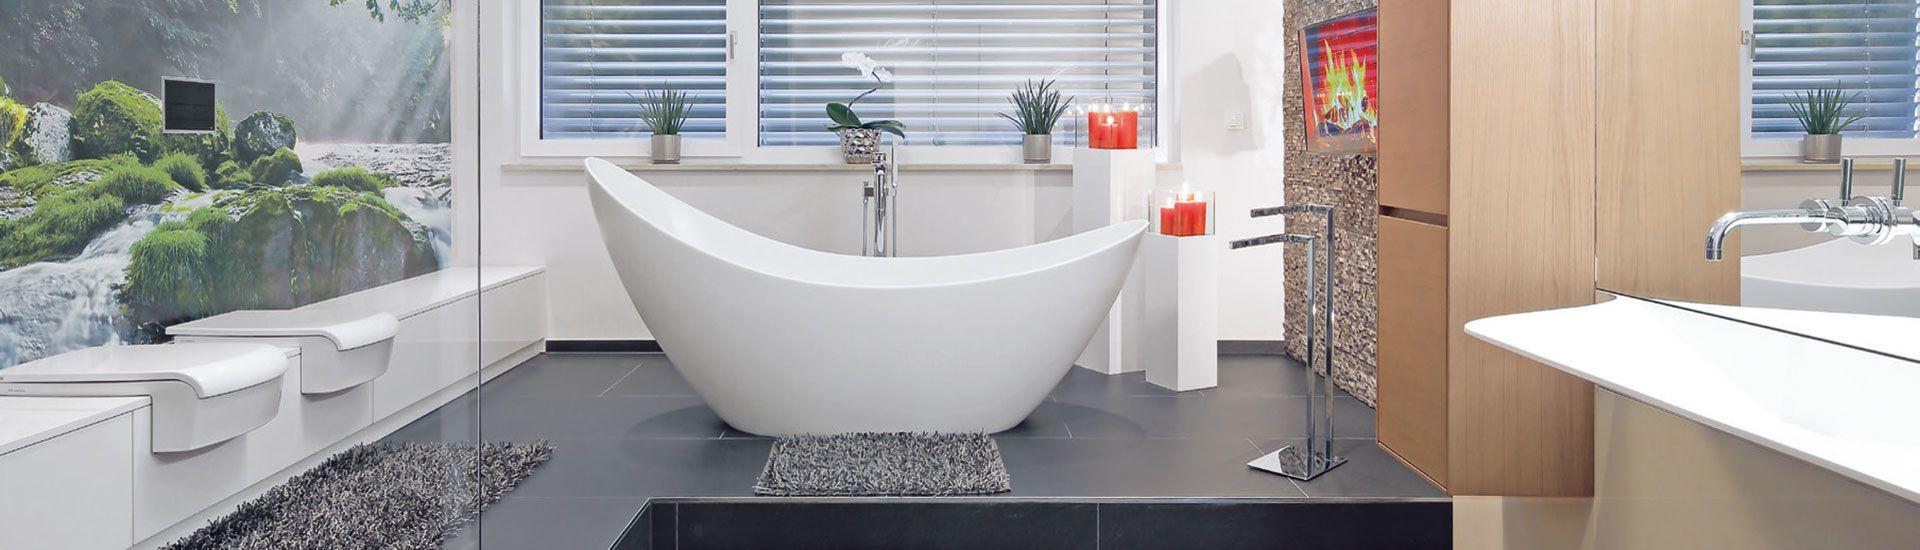 ihr sanitärinstallateur aus kipfenberg - fred weber e. k., Badezimmer ideen